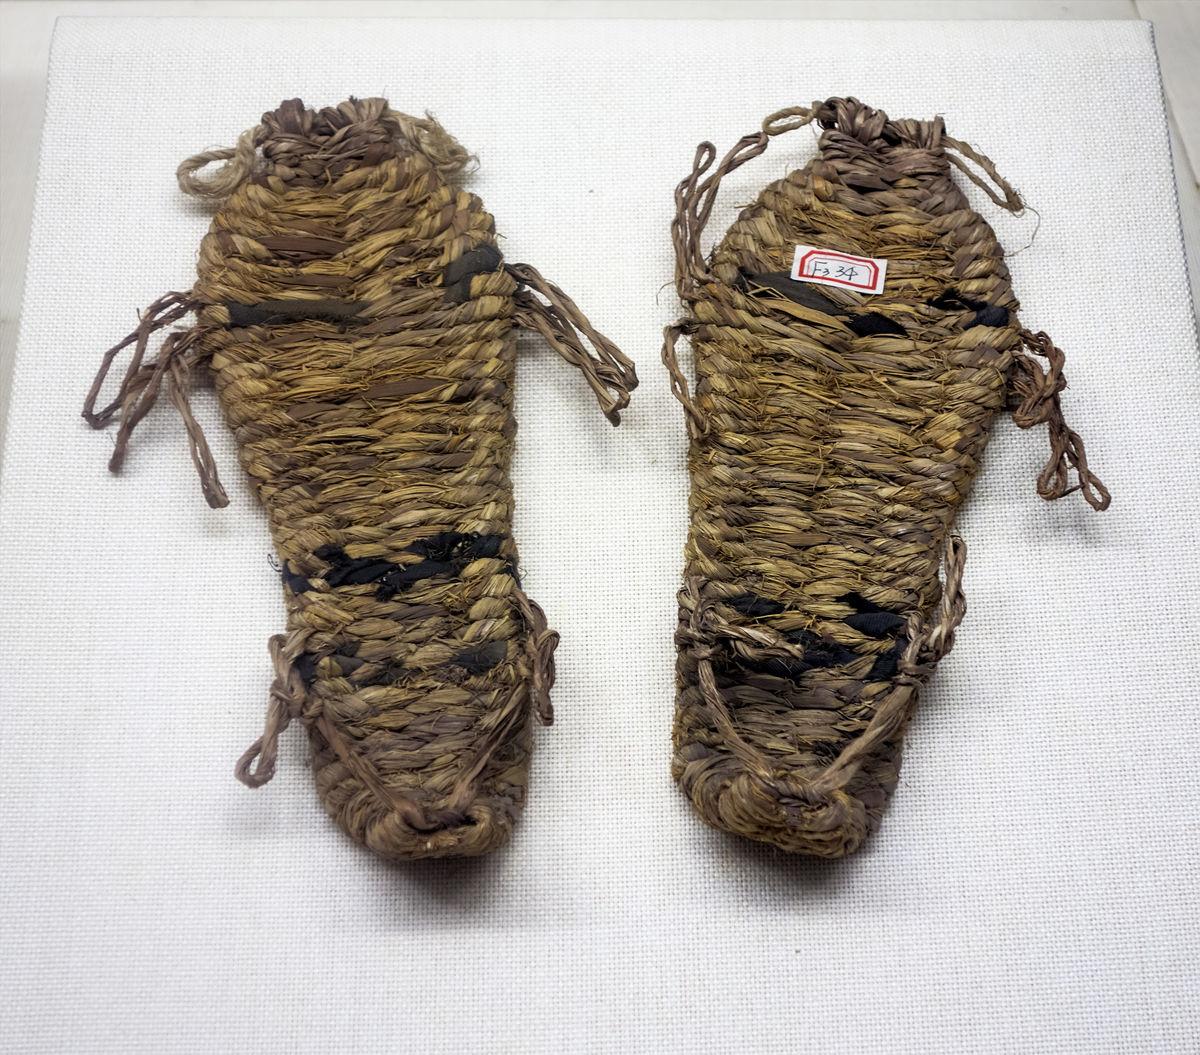 草鞋_草鞋编方法步骤图_河南木头底草鞋图